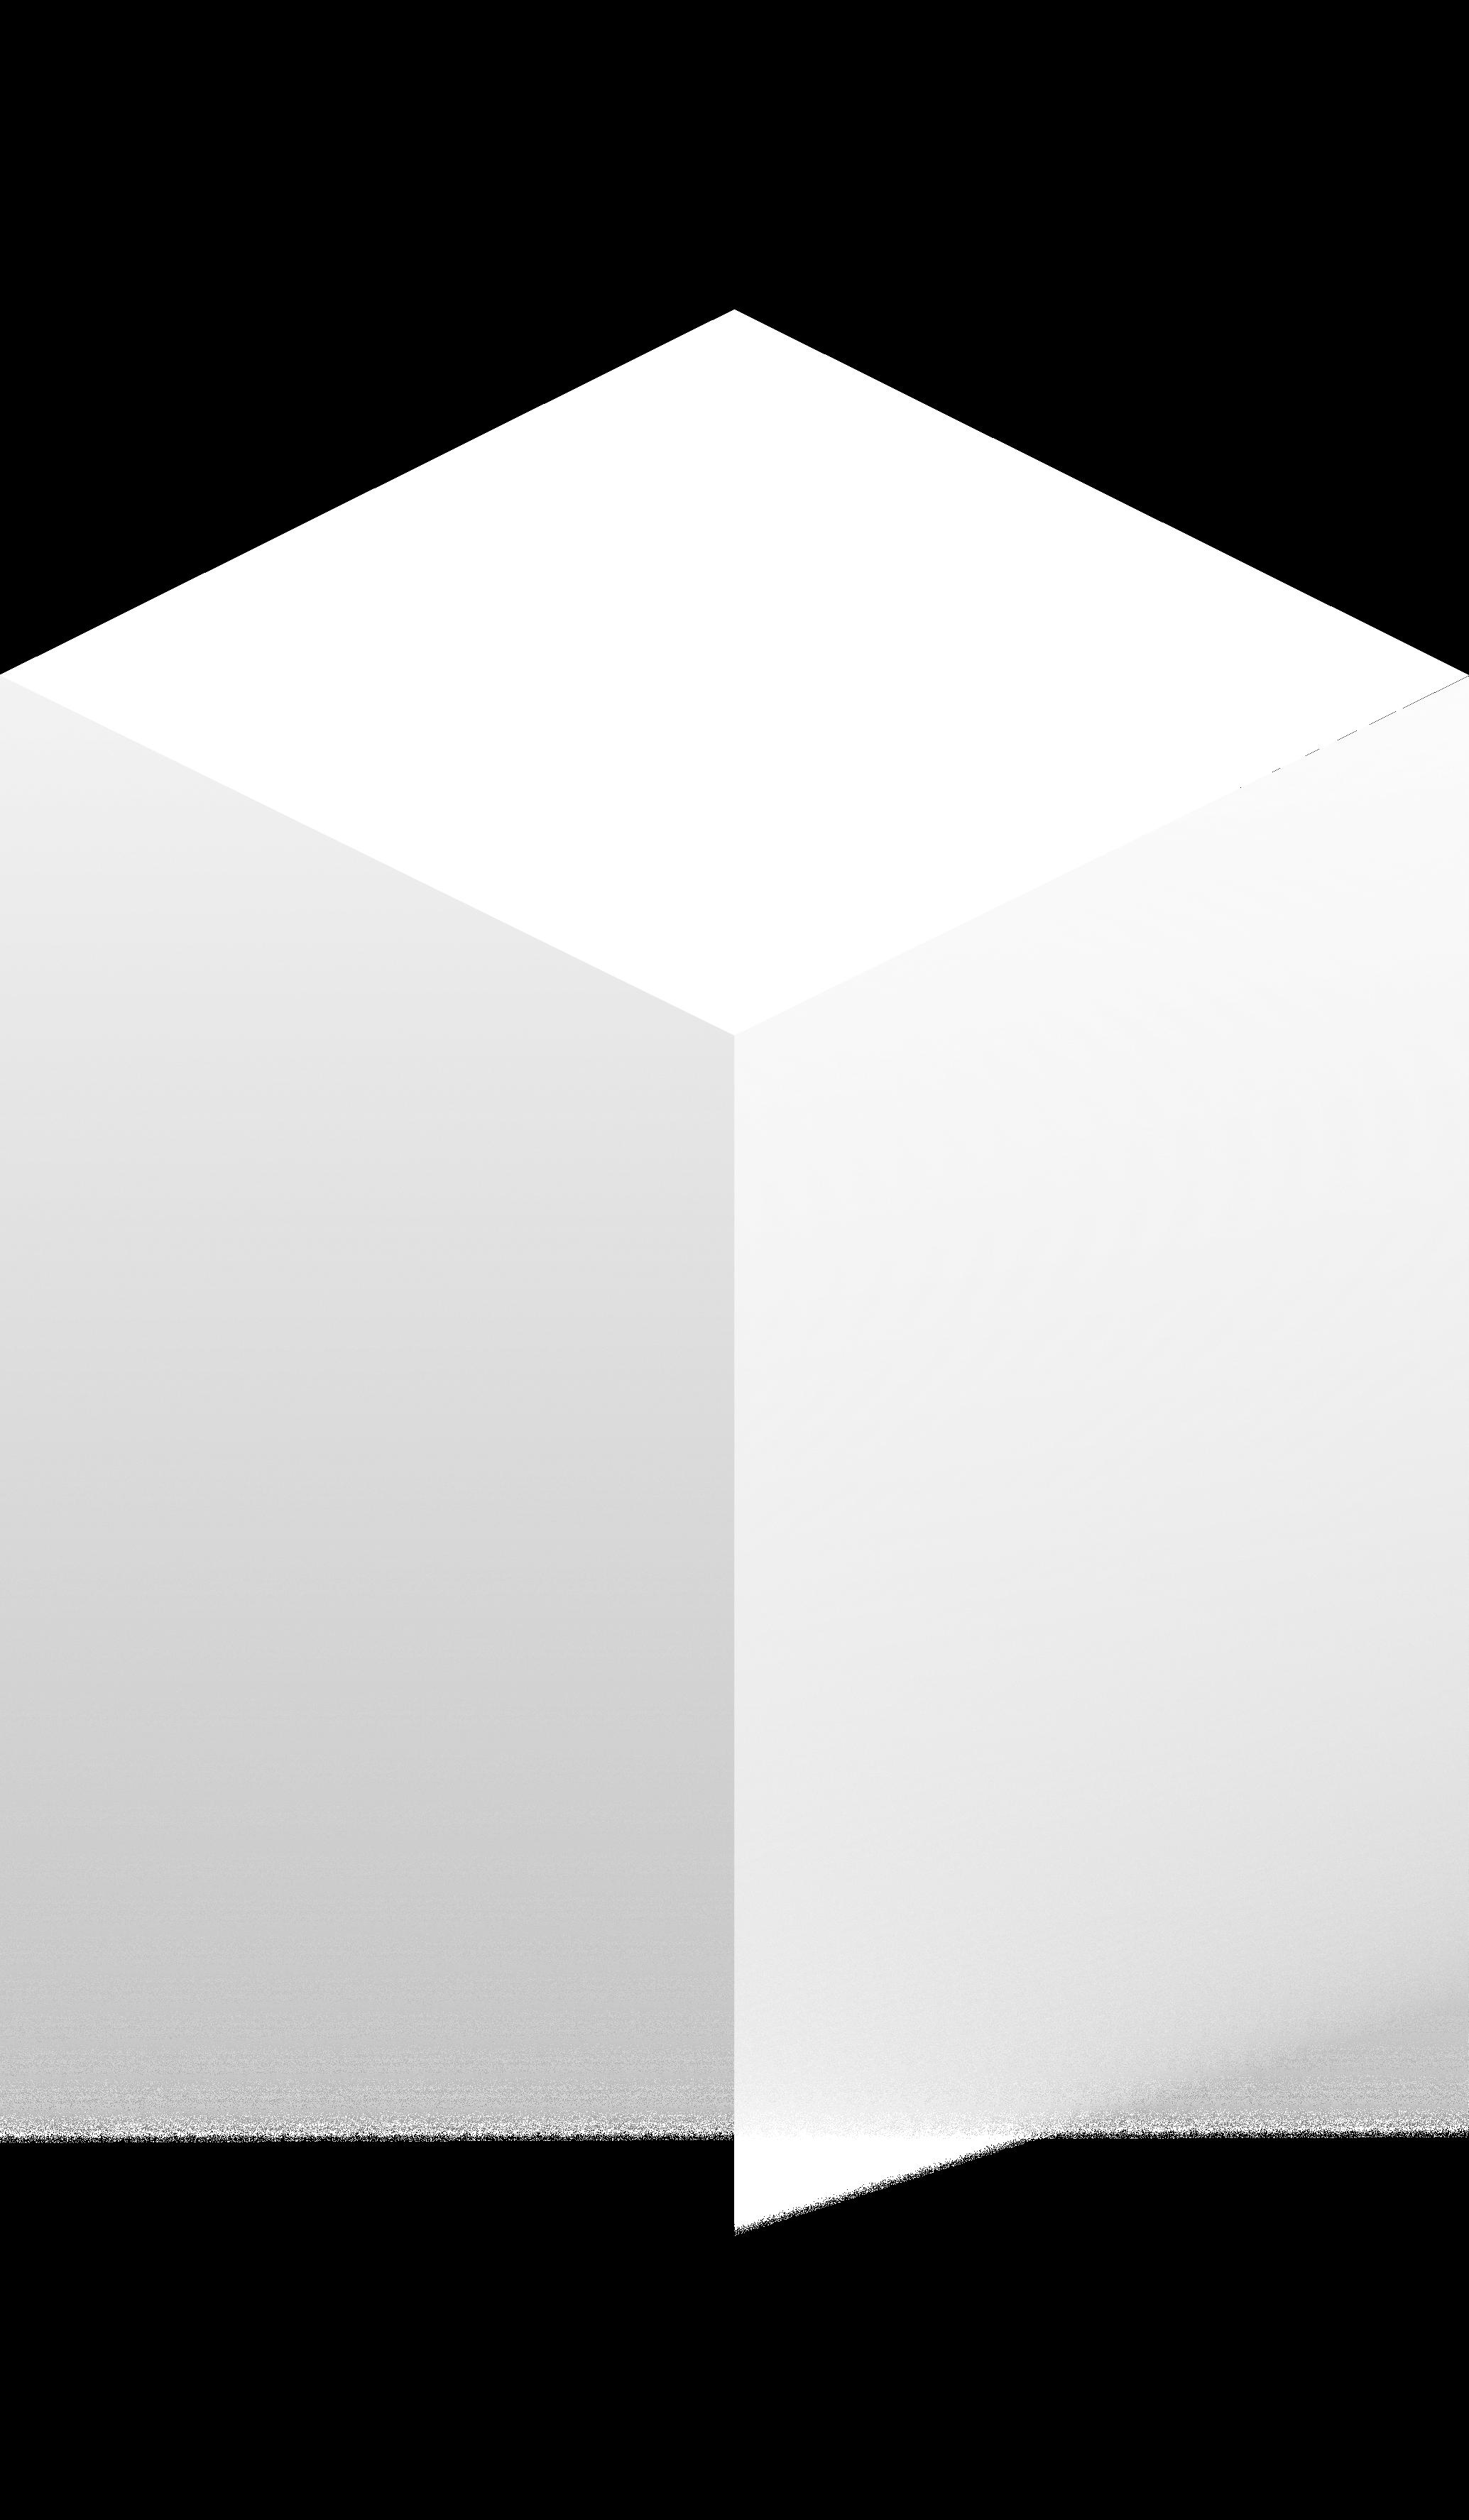 Elemento decorativo mostrando una columna